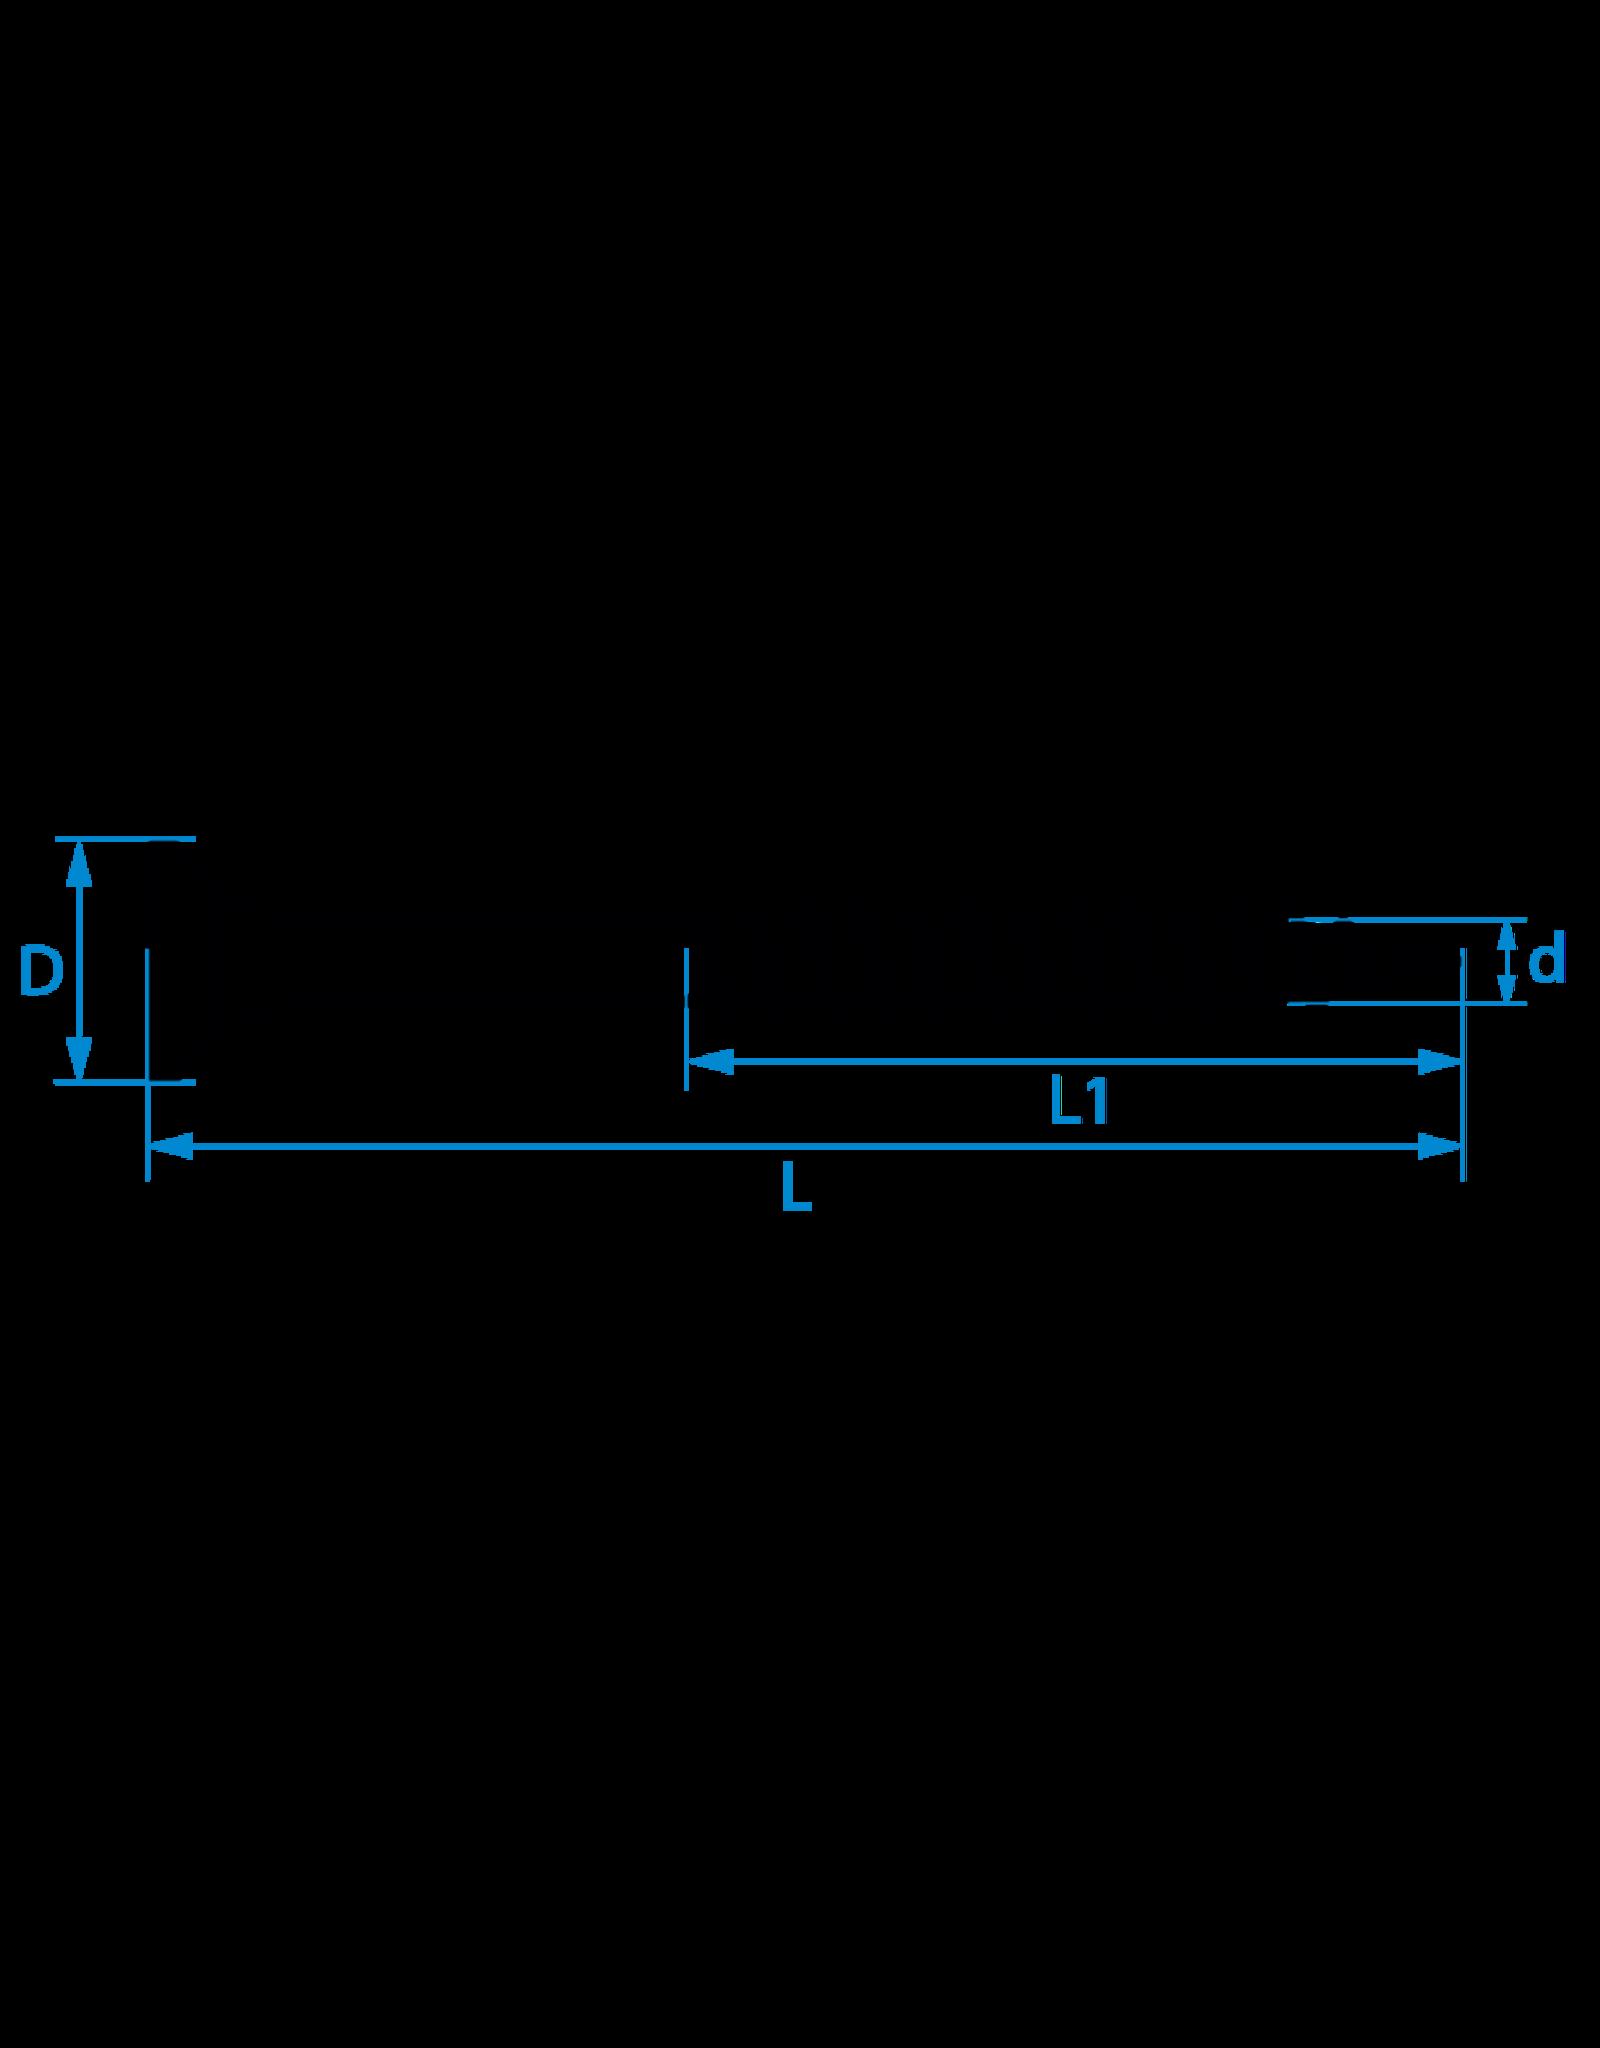 Spaanplaatschroeven platkop deeldraad 6.0x120/70 TX-30 staal gehard verzinkt per 100 stuks